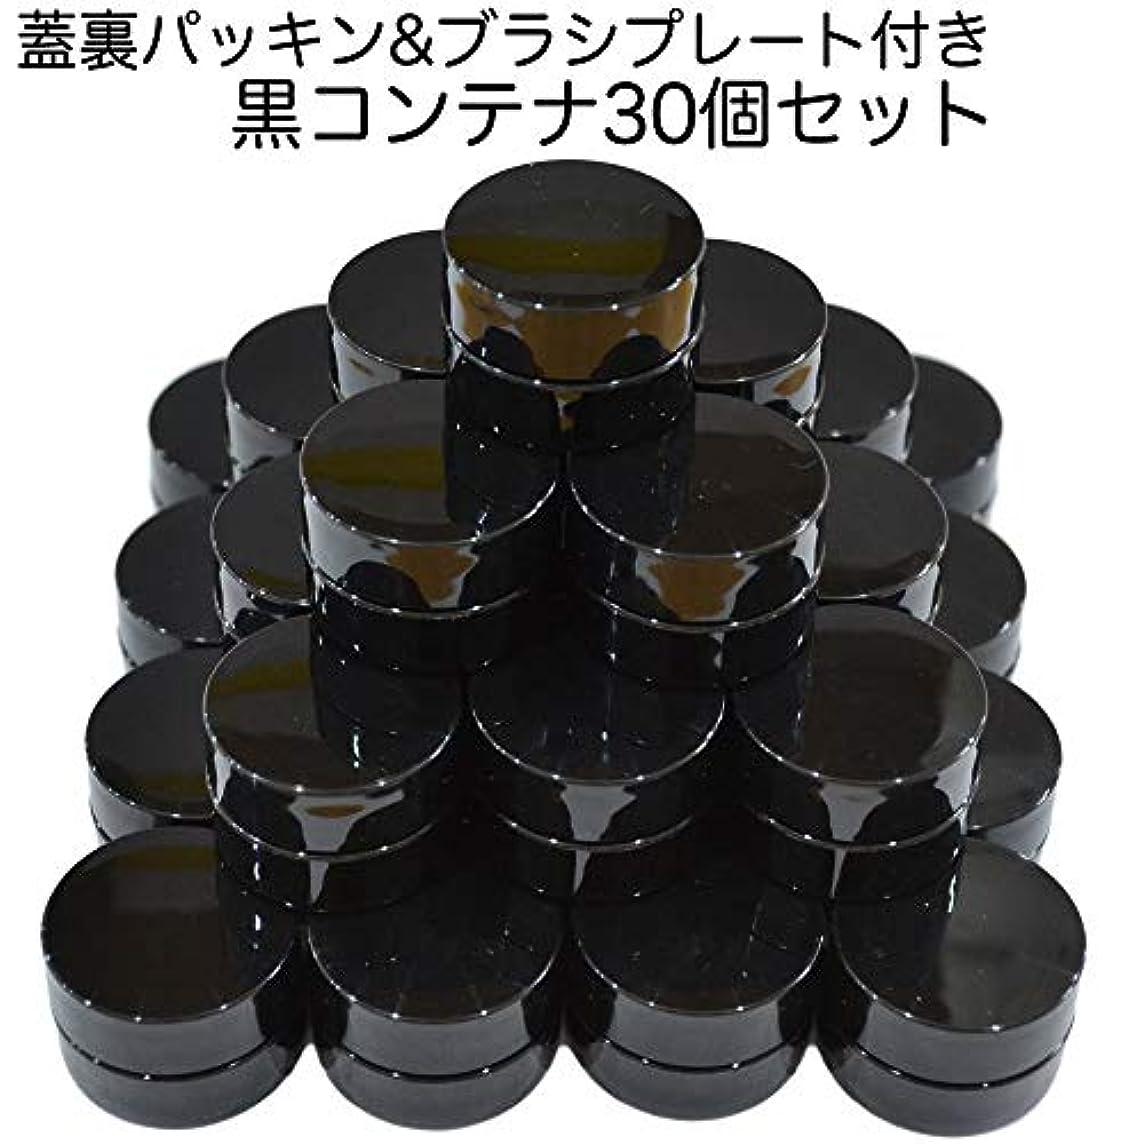 おしゃれな植物学者強調30個セット/純国産ネイルジェルコンテナ 3g用 GA3g 漏れ防止パッキン&ブラシプレート付容器 ジェルを無駄なく使える底面傾斜あり 遮光 黒 ブラック